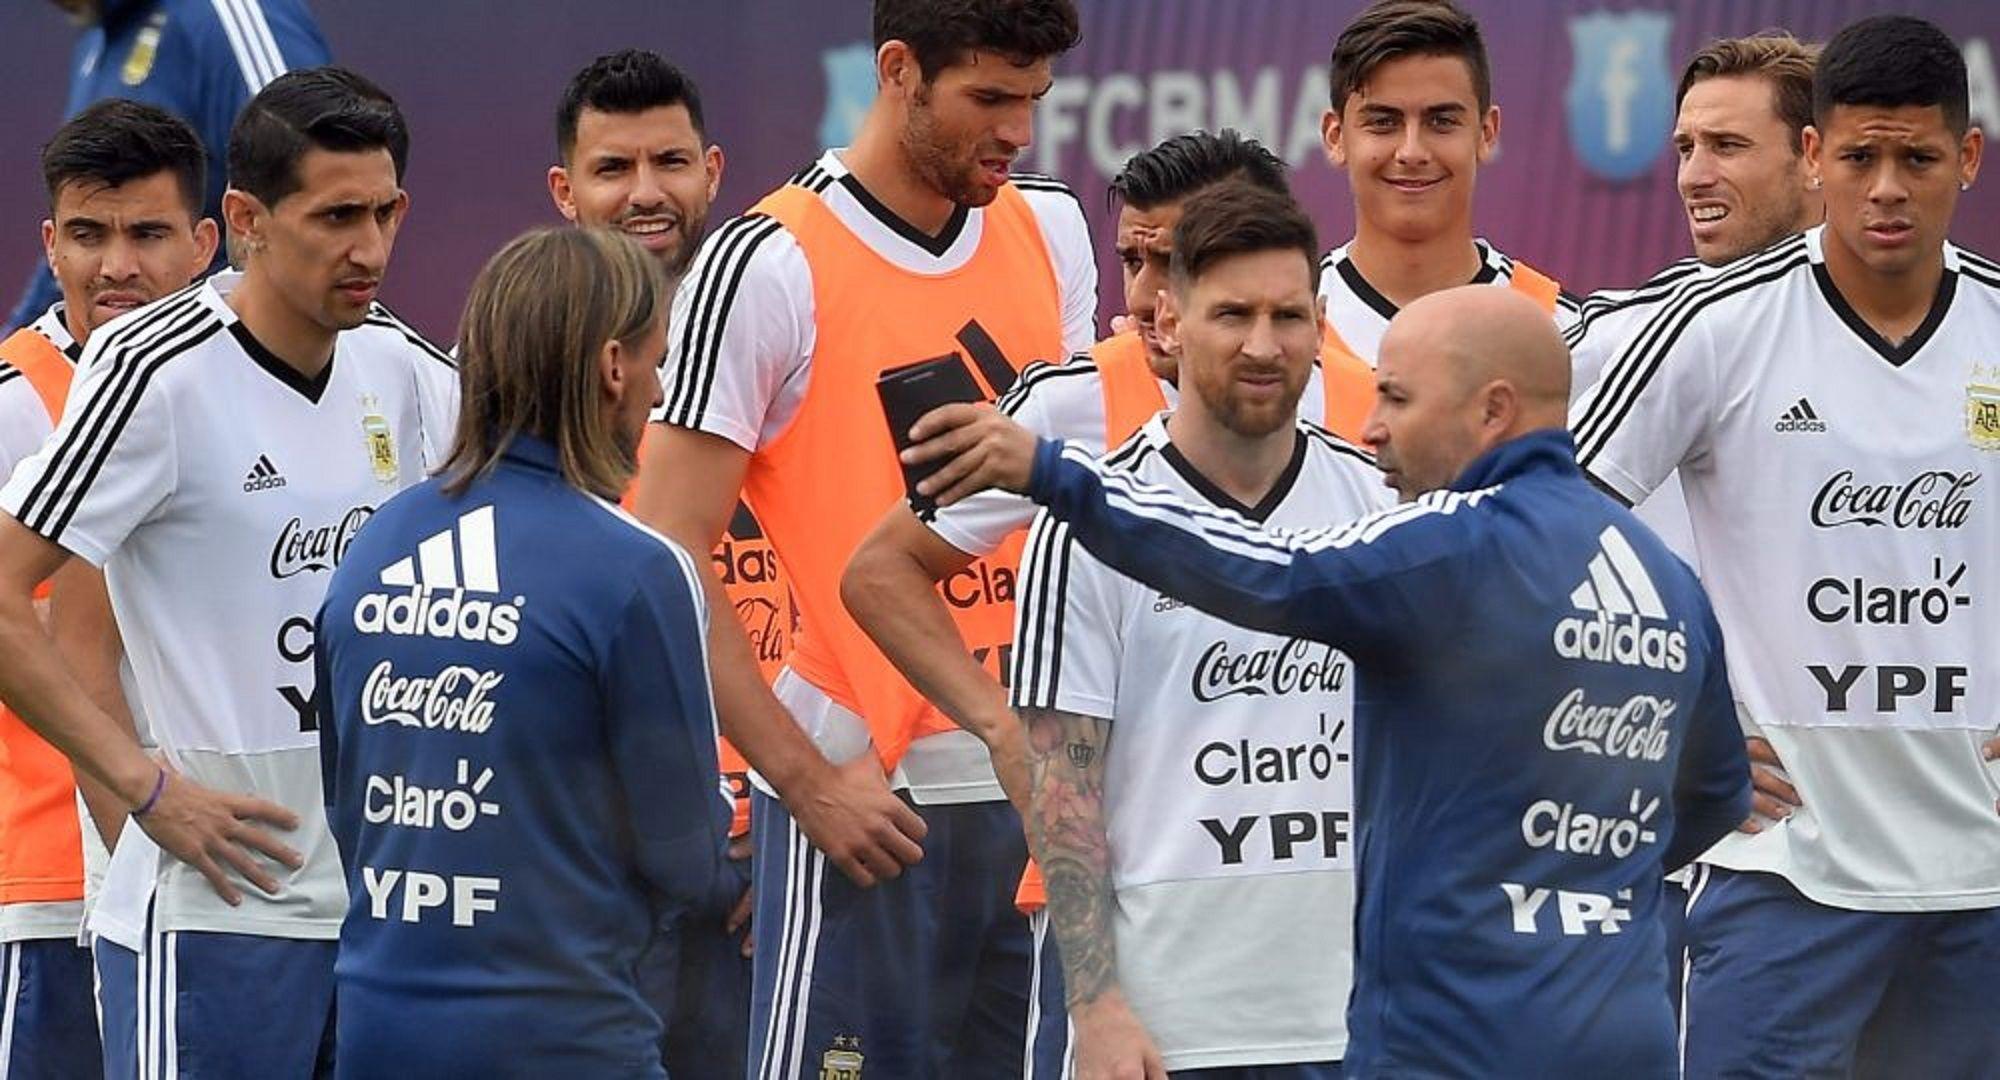 Se suspendió el amistoso entre Argentina e Israel por el conflicto con Palestina